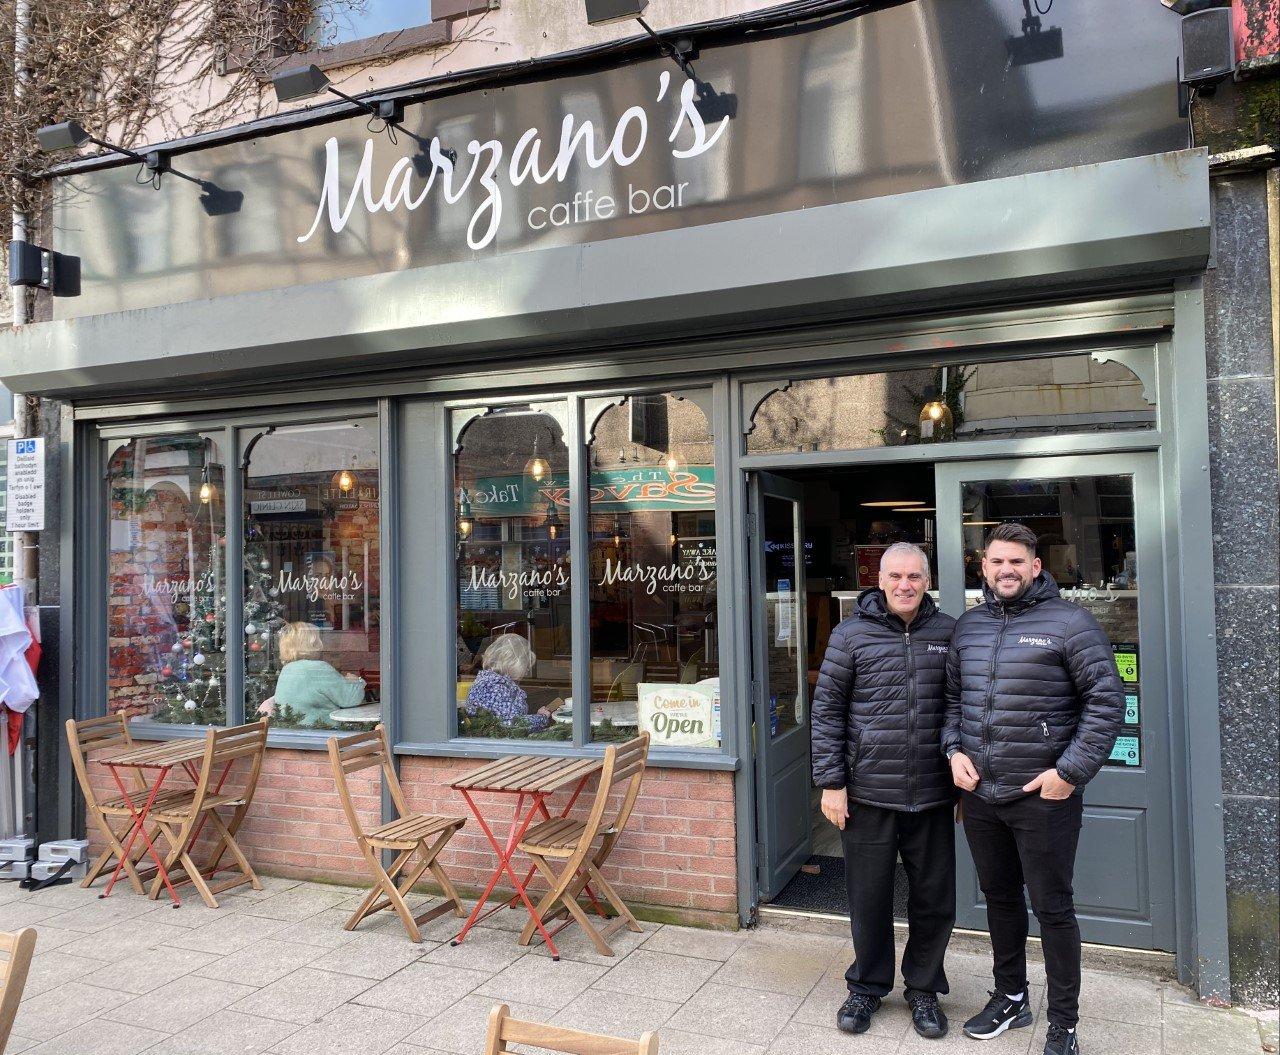 Marzano's